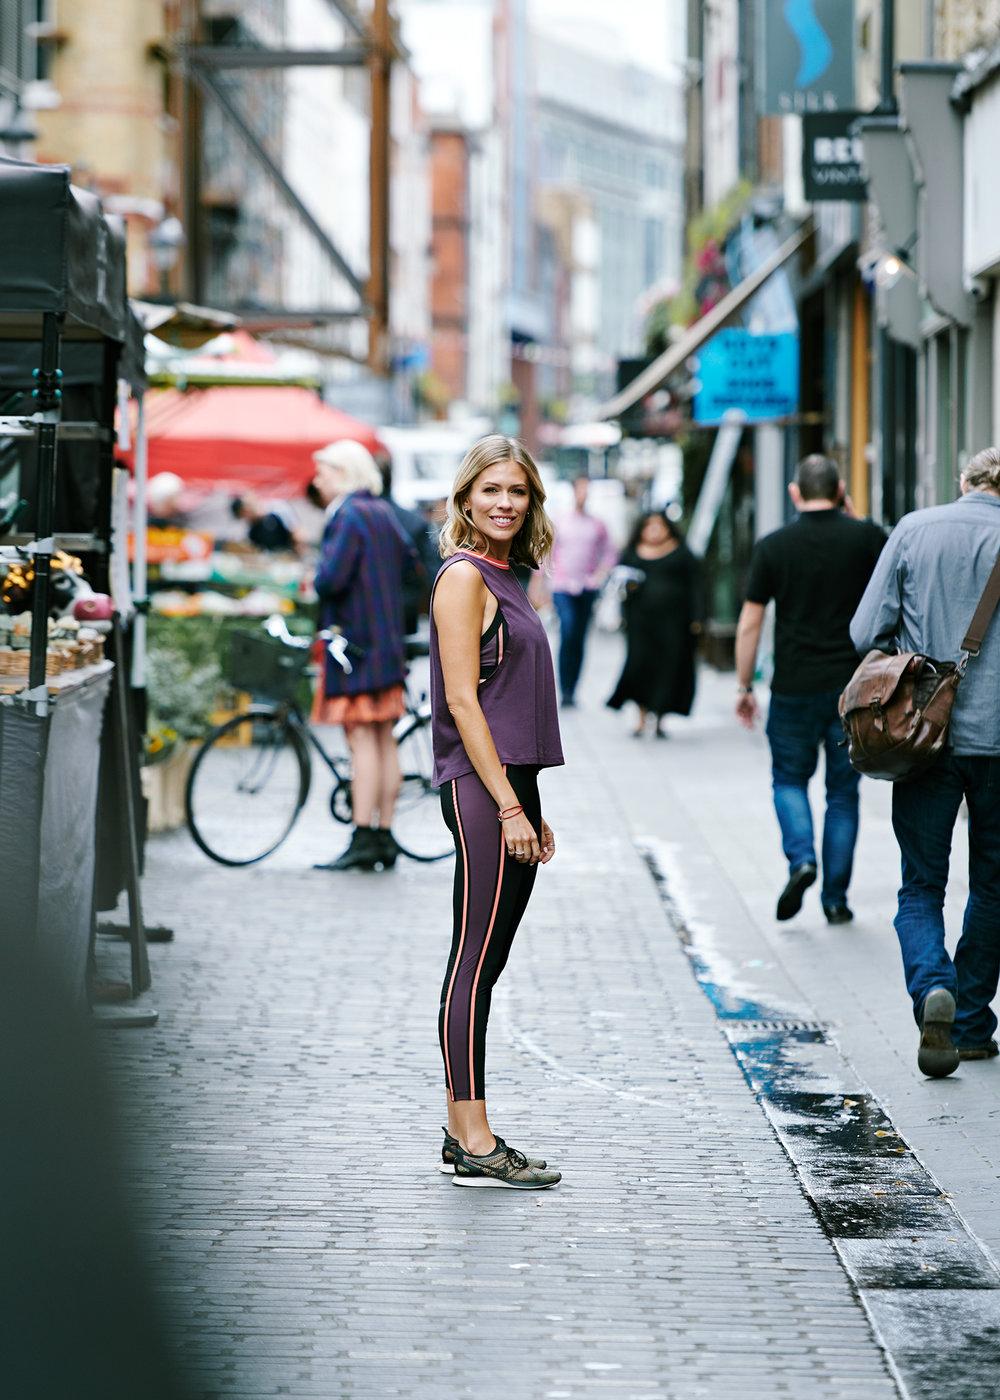 dan-event-photographer-london 13.jpg